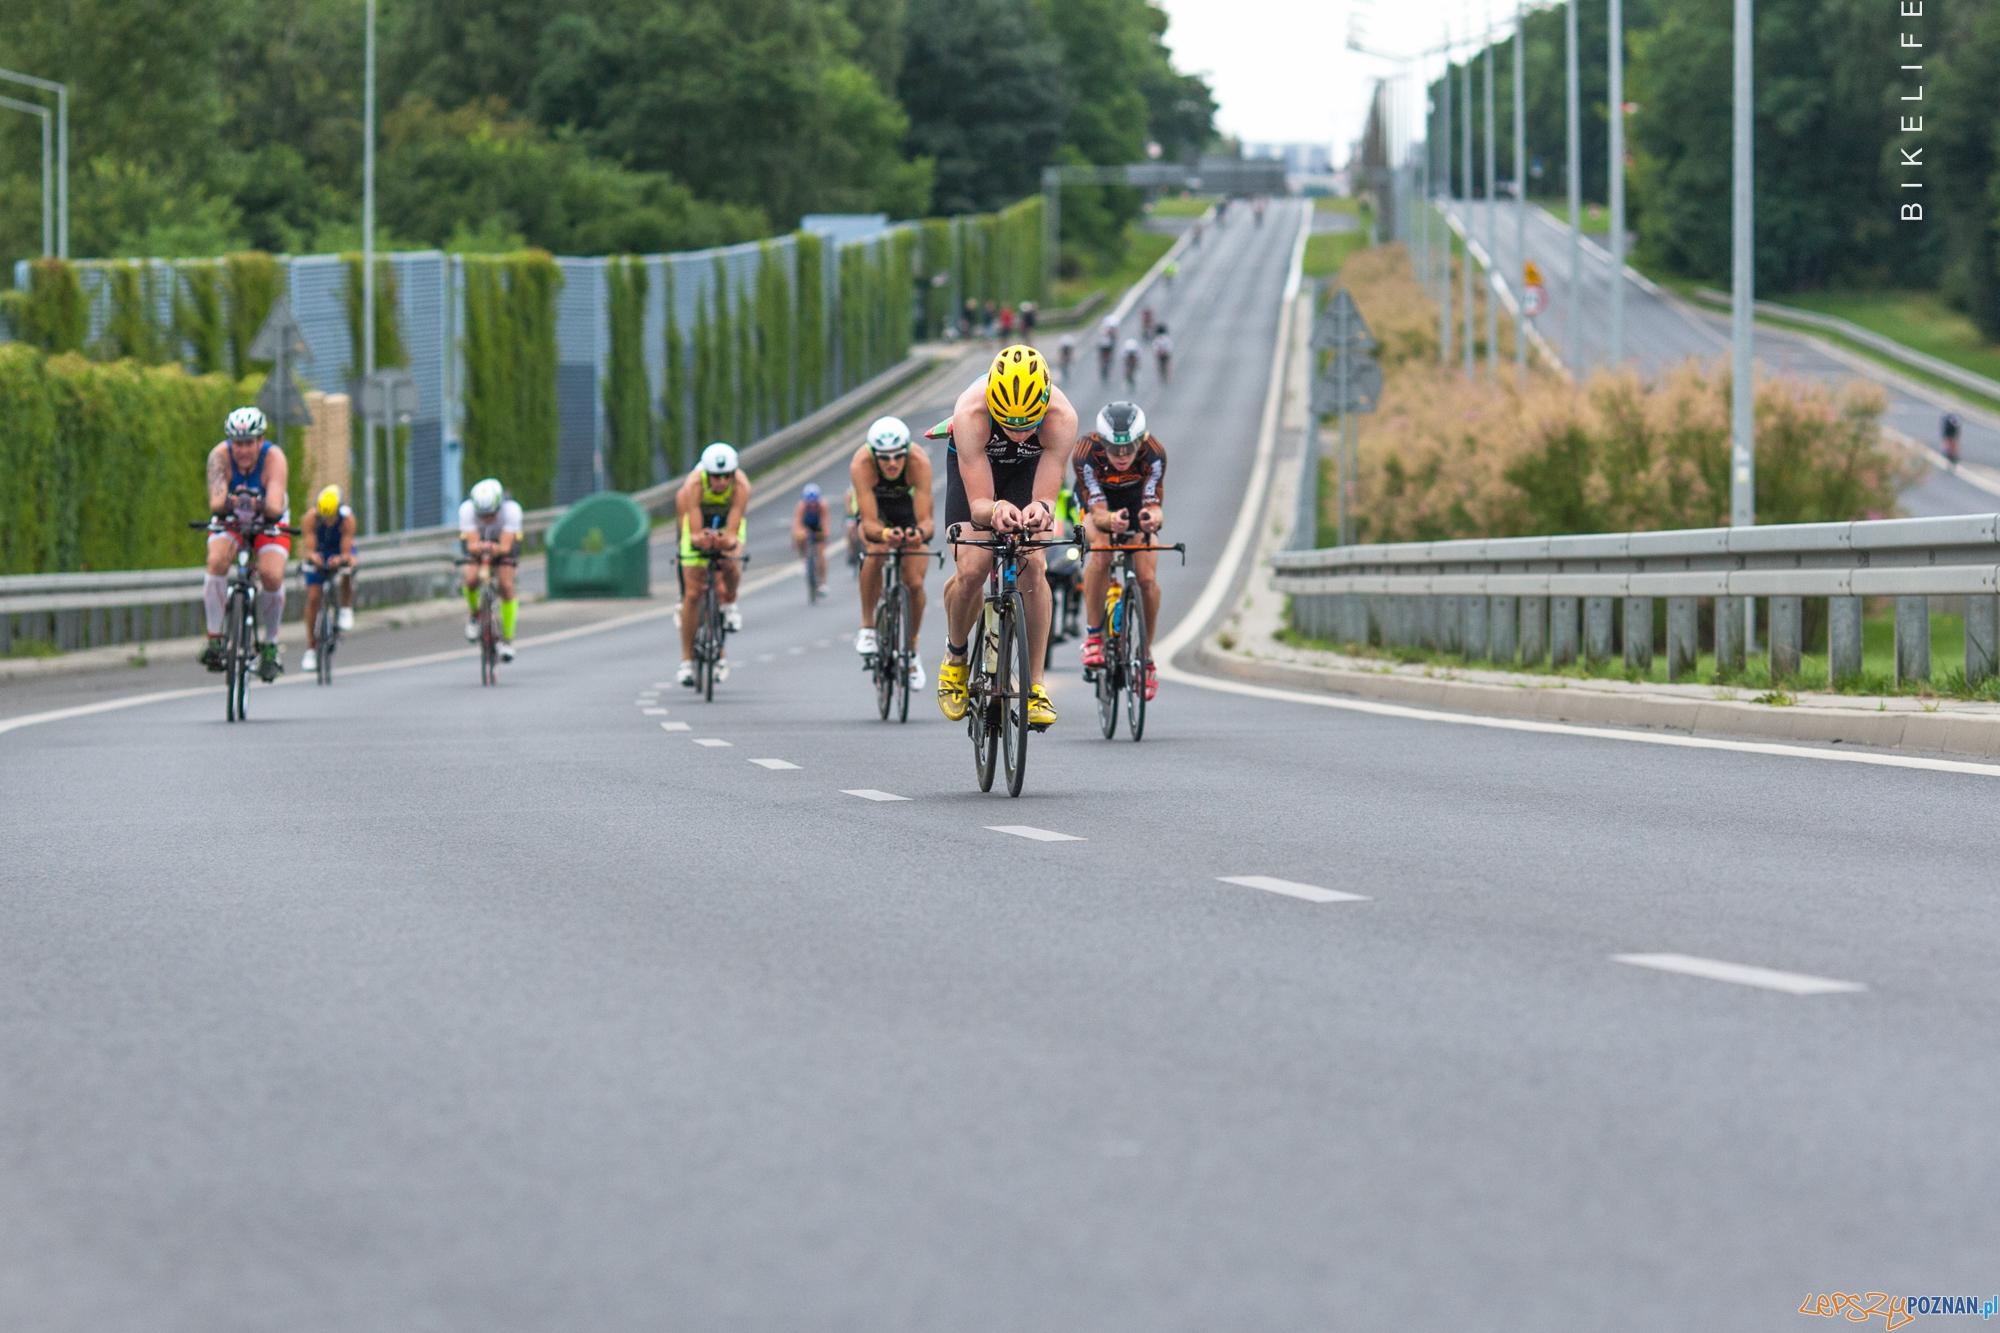 Triathlon - rowery